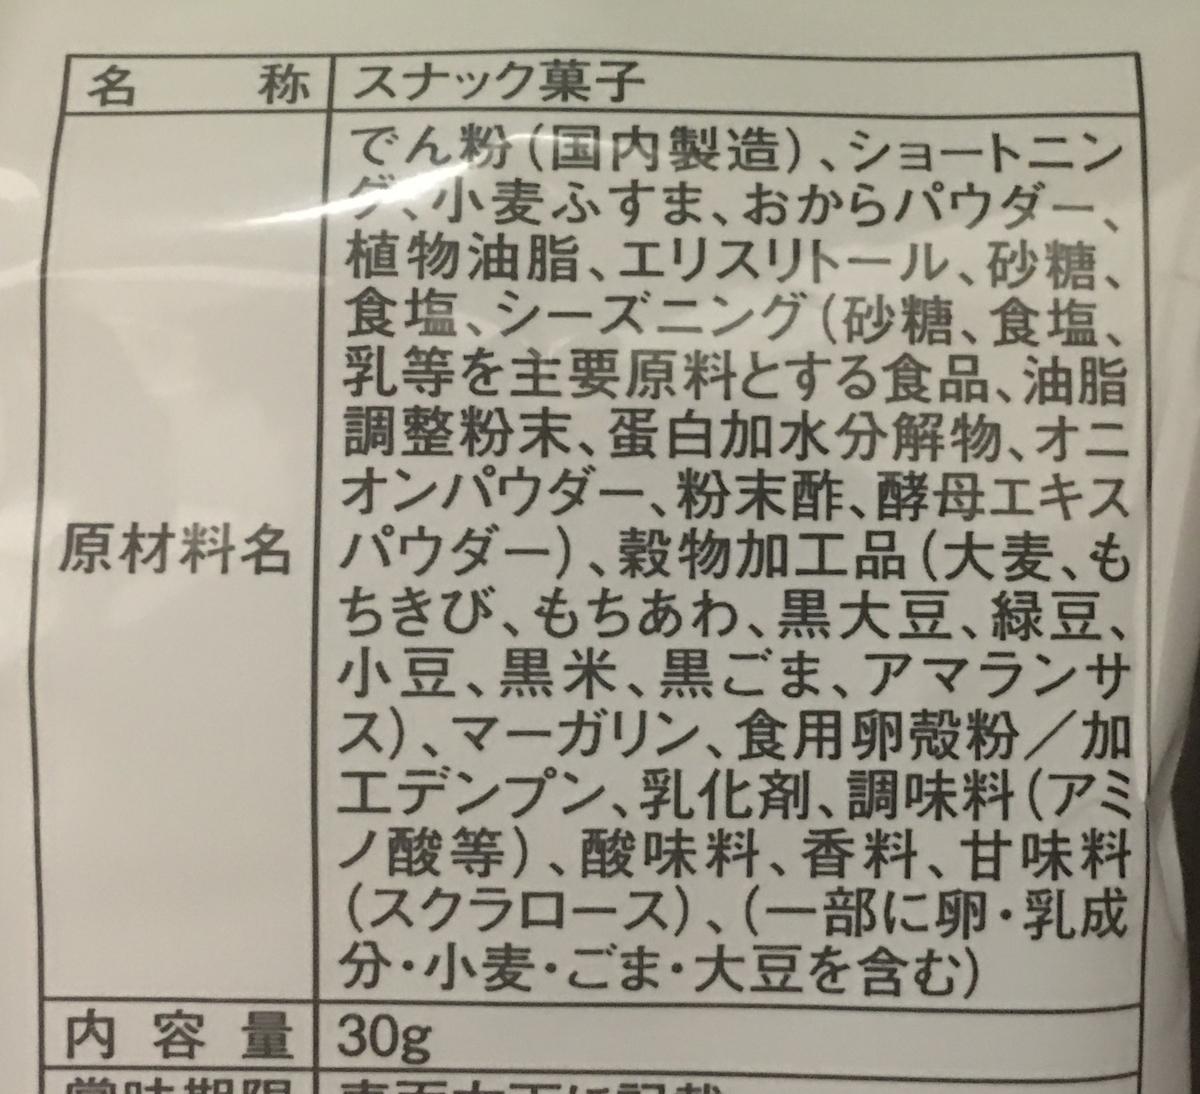 f:id:YOSHIO1010:20201207023839j:plain